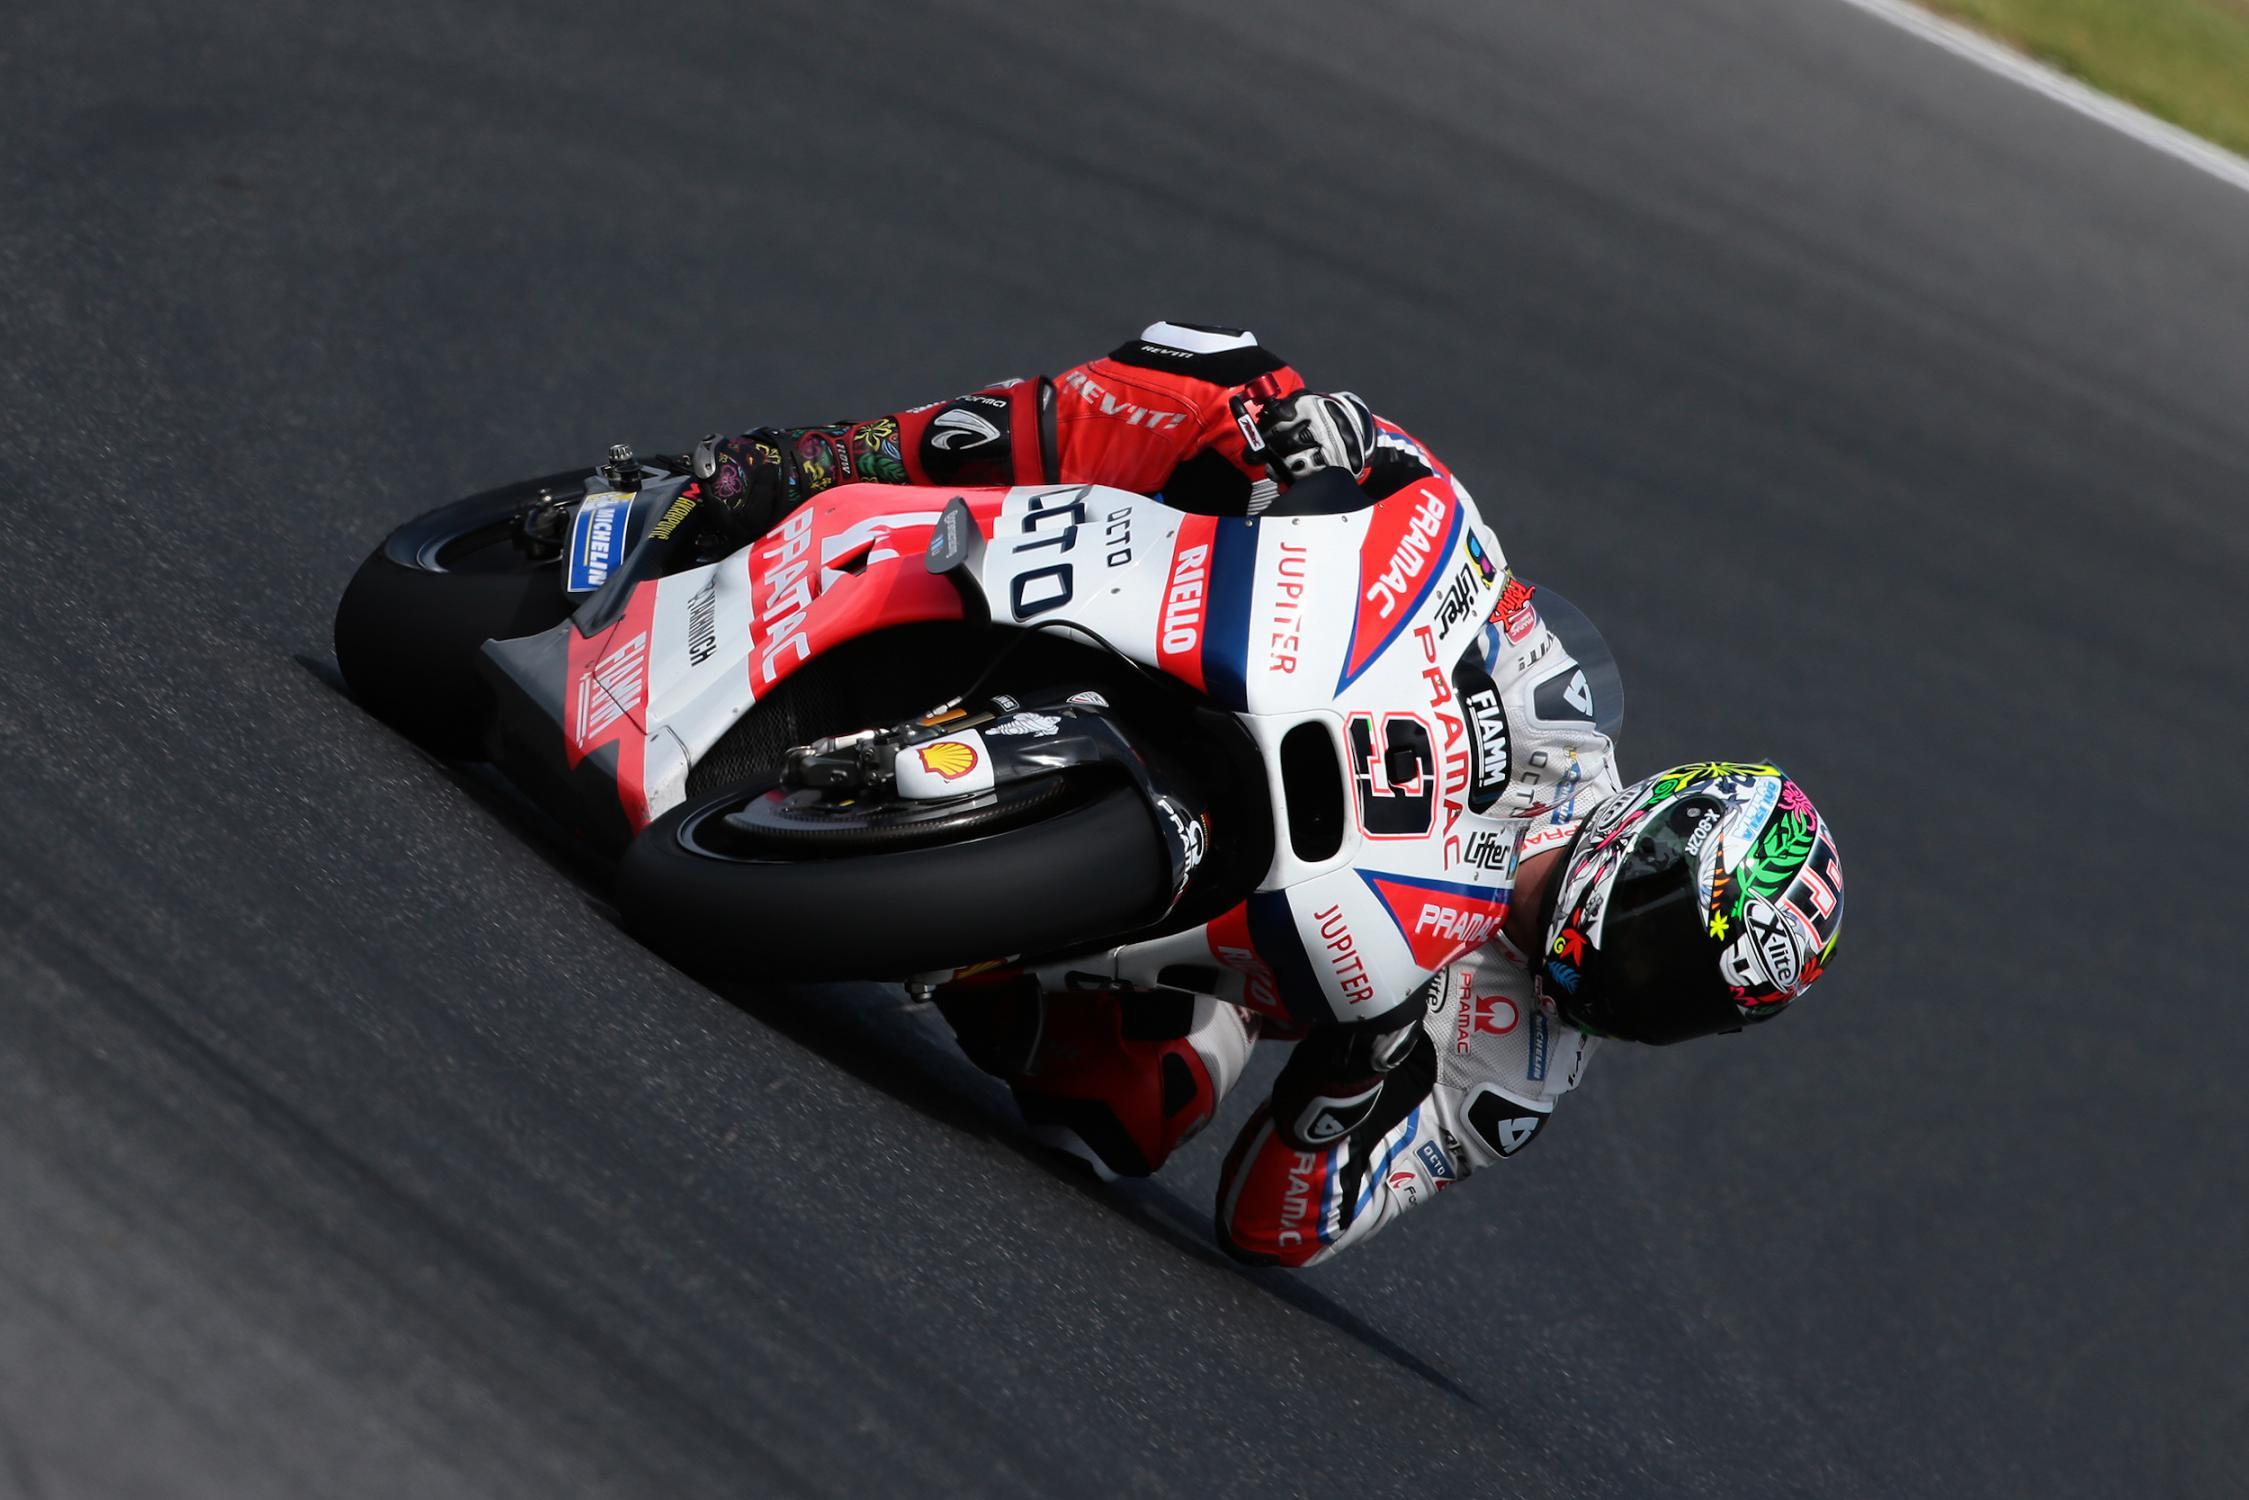 Test MotoGP Phillip Island 2016 09-petrucci_an0i1748-copy.gallery_full_top_fullscreen